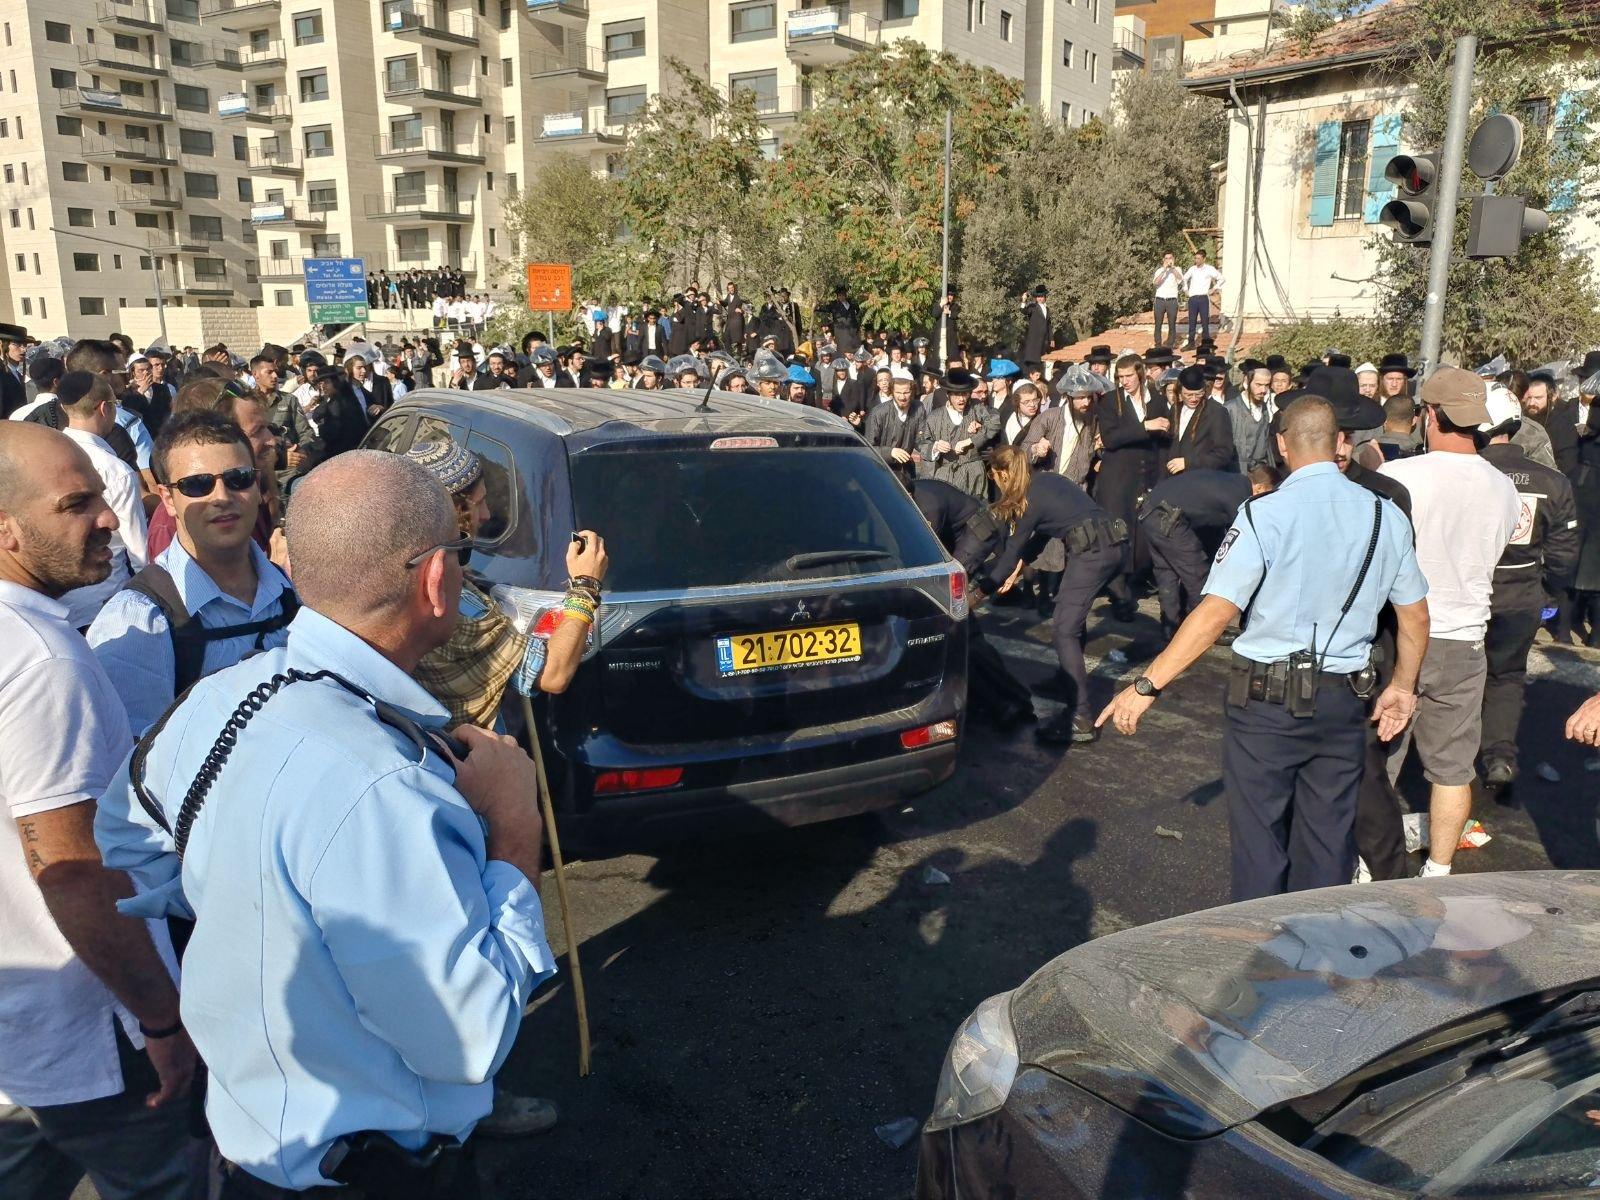 اليهود المتدينون (الحريديم) في صدمة من تعامل الشرطة معهم!